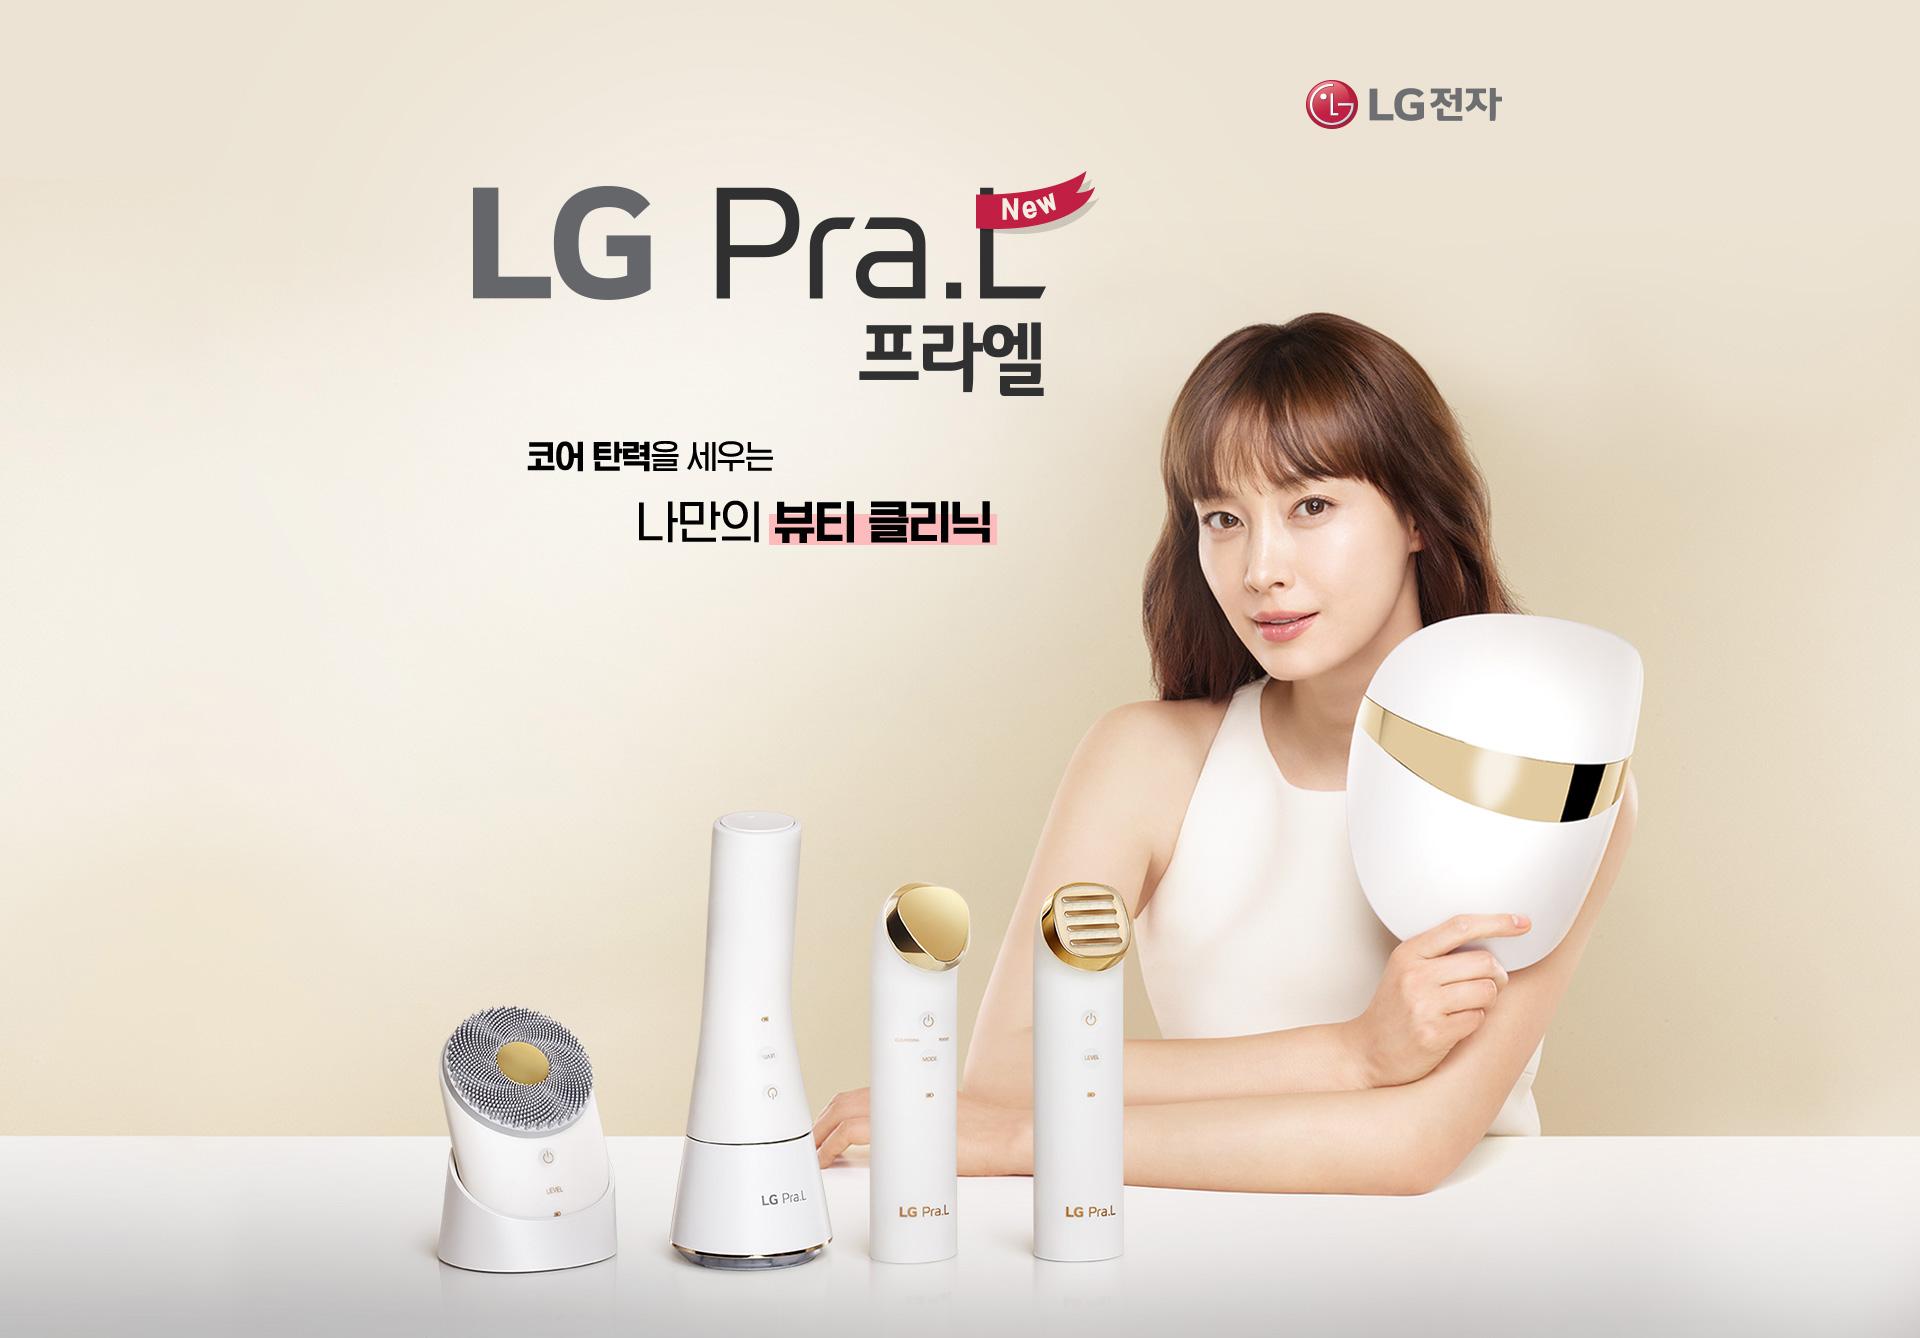 LG Pra,L 프라엘 코어 탄력을 세우는 나만의 뷰티 클리닉